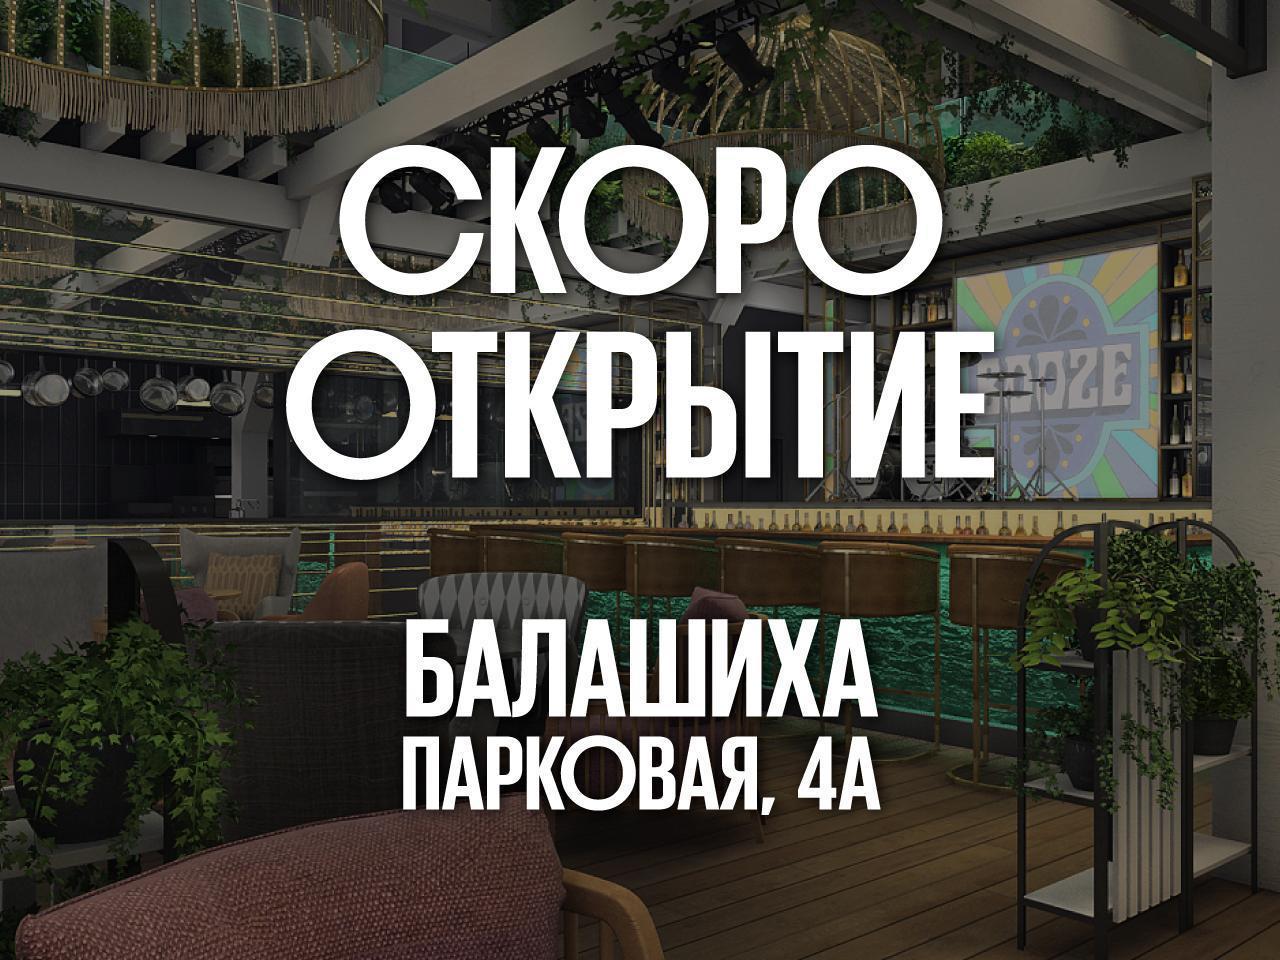 Чайхона №1 Братьев Васильчуков в Балашихе